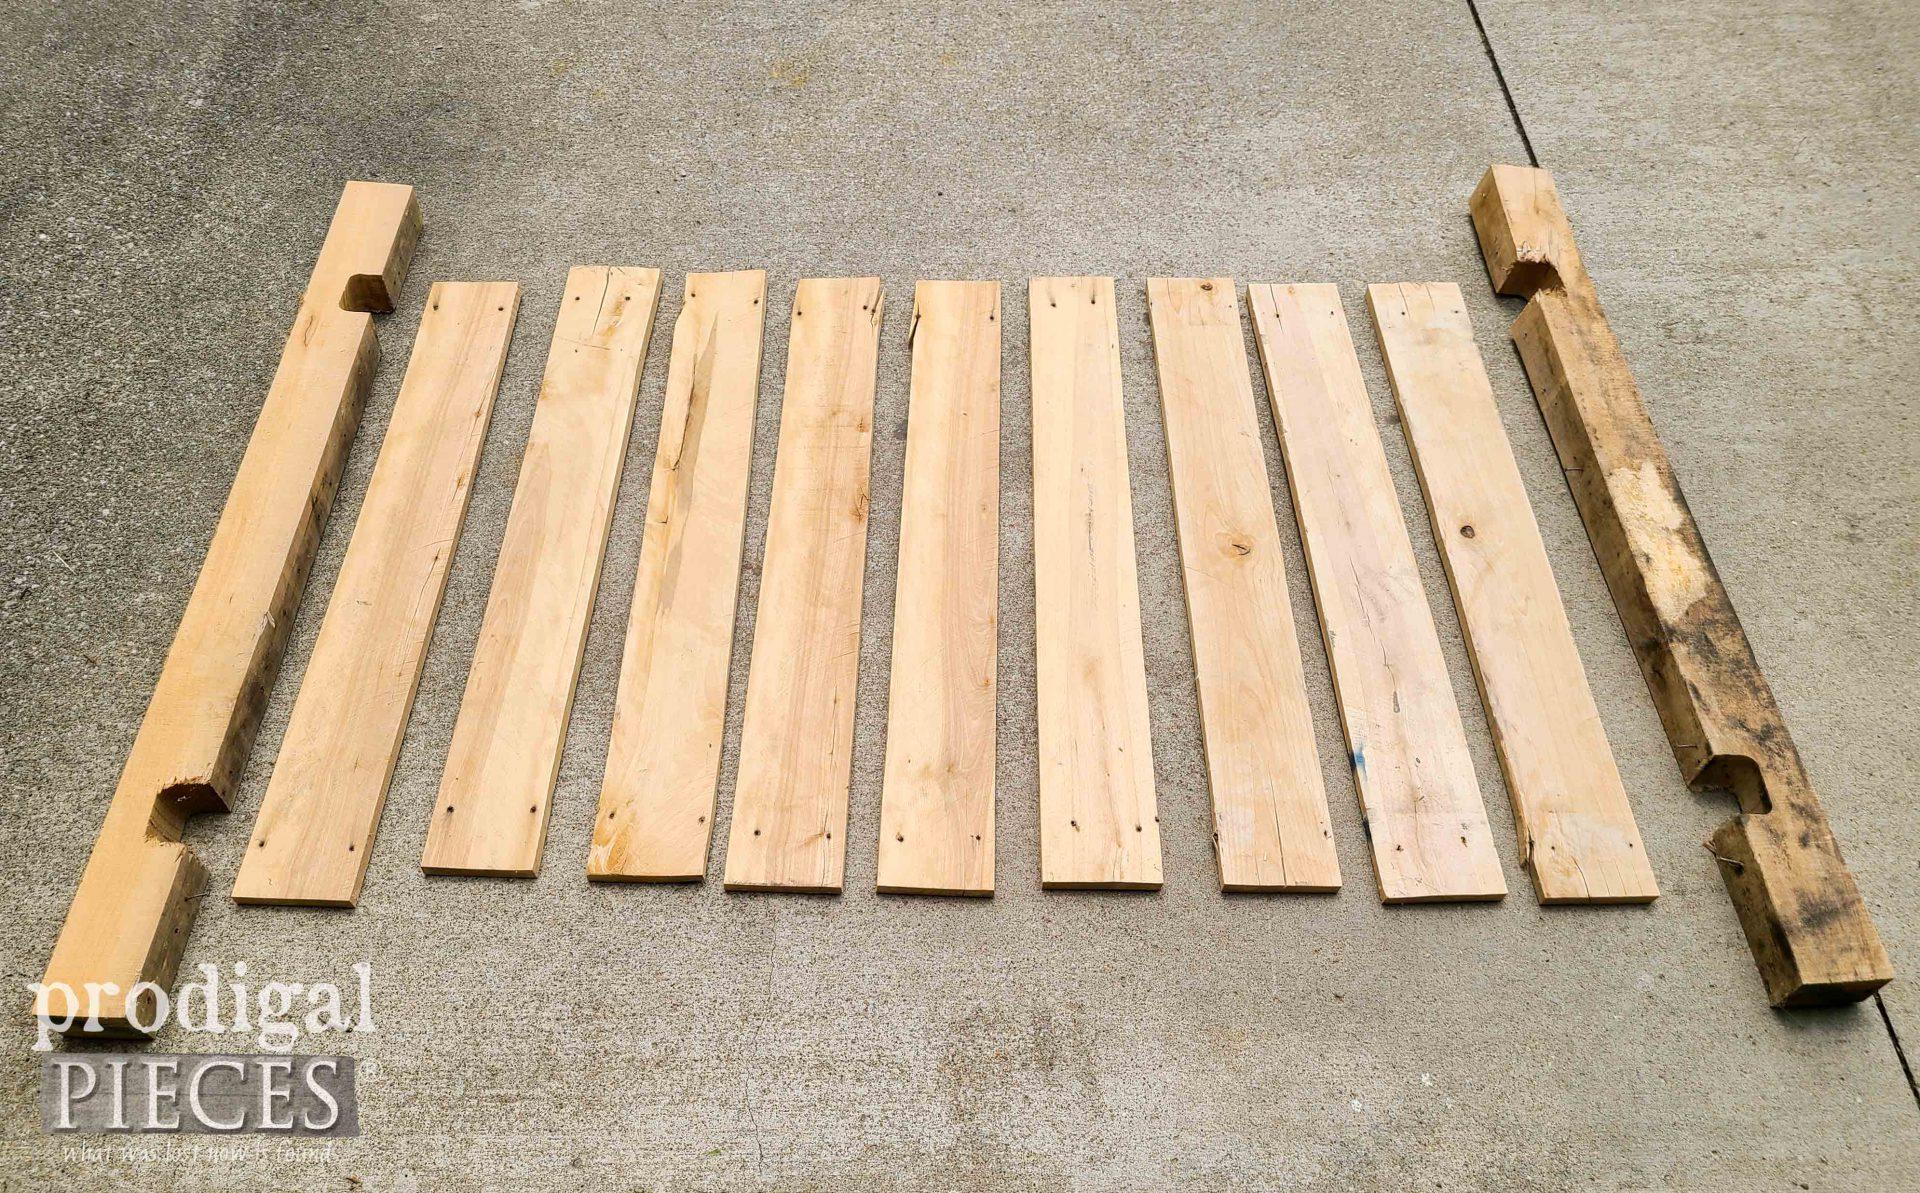 Disassembled Hardwood Pallet for Reclaimed Desk Set | prodigalpieces.com